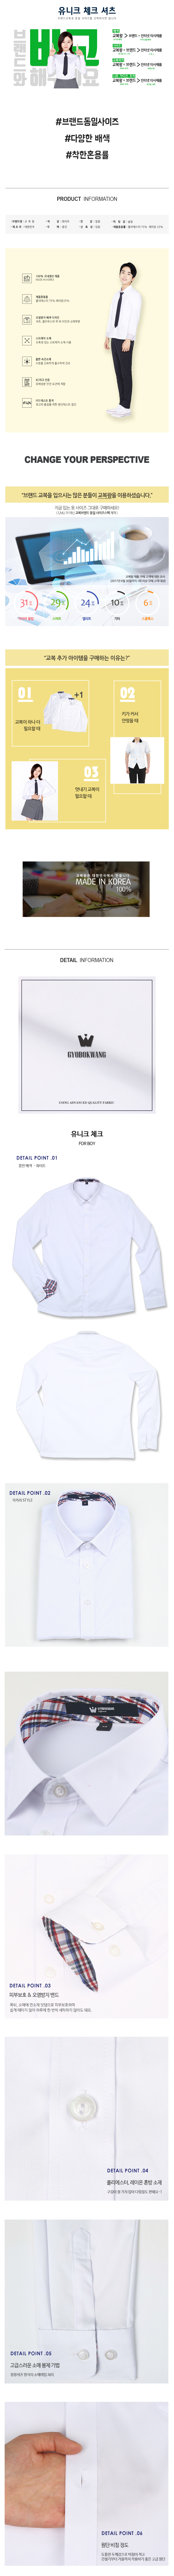 남자 교복 와이셔츠 유니크 체크 - 교복왕, 19,800원, 남성 스쿨룩, 상의